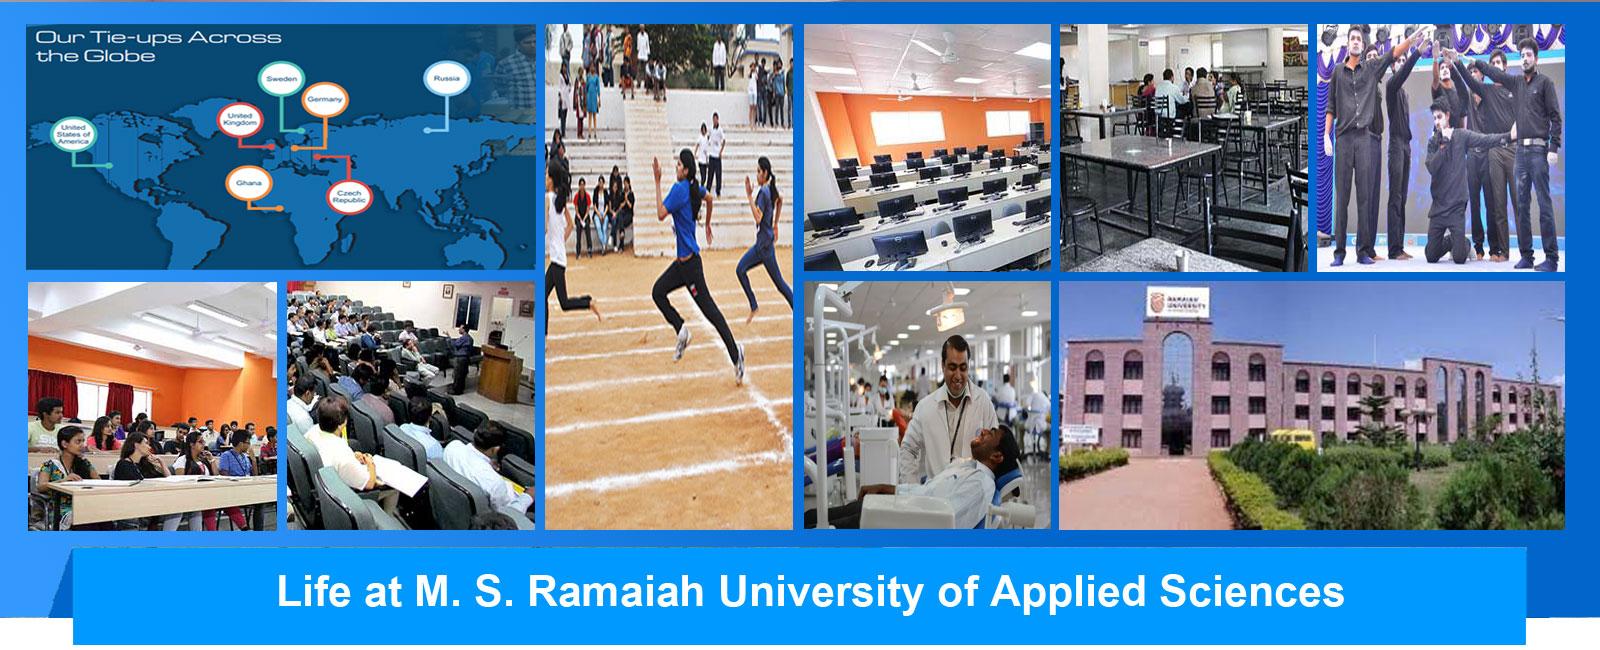 life-MS-Ramaiah-University